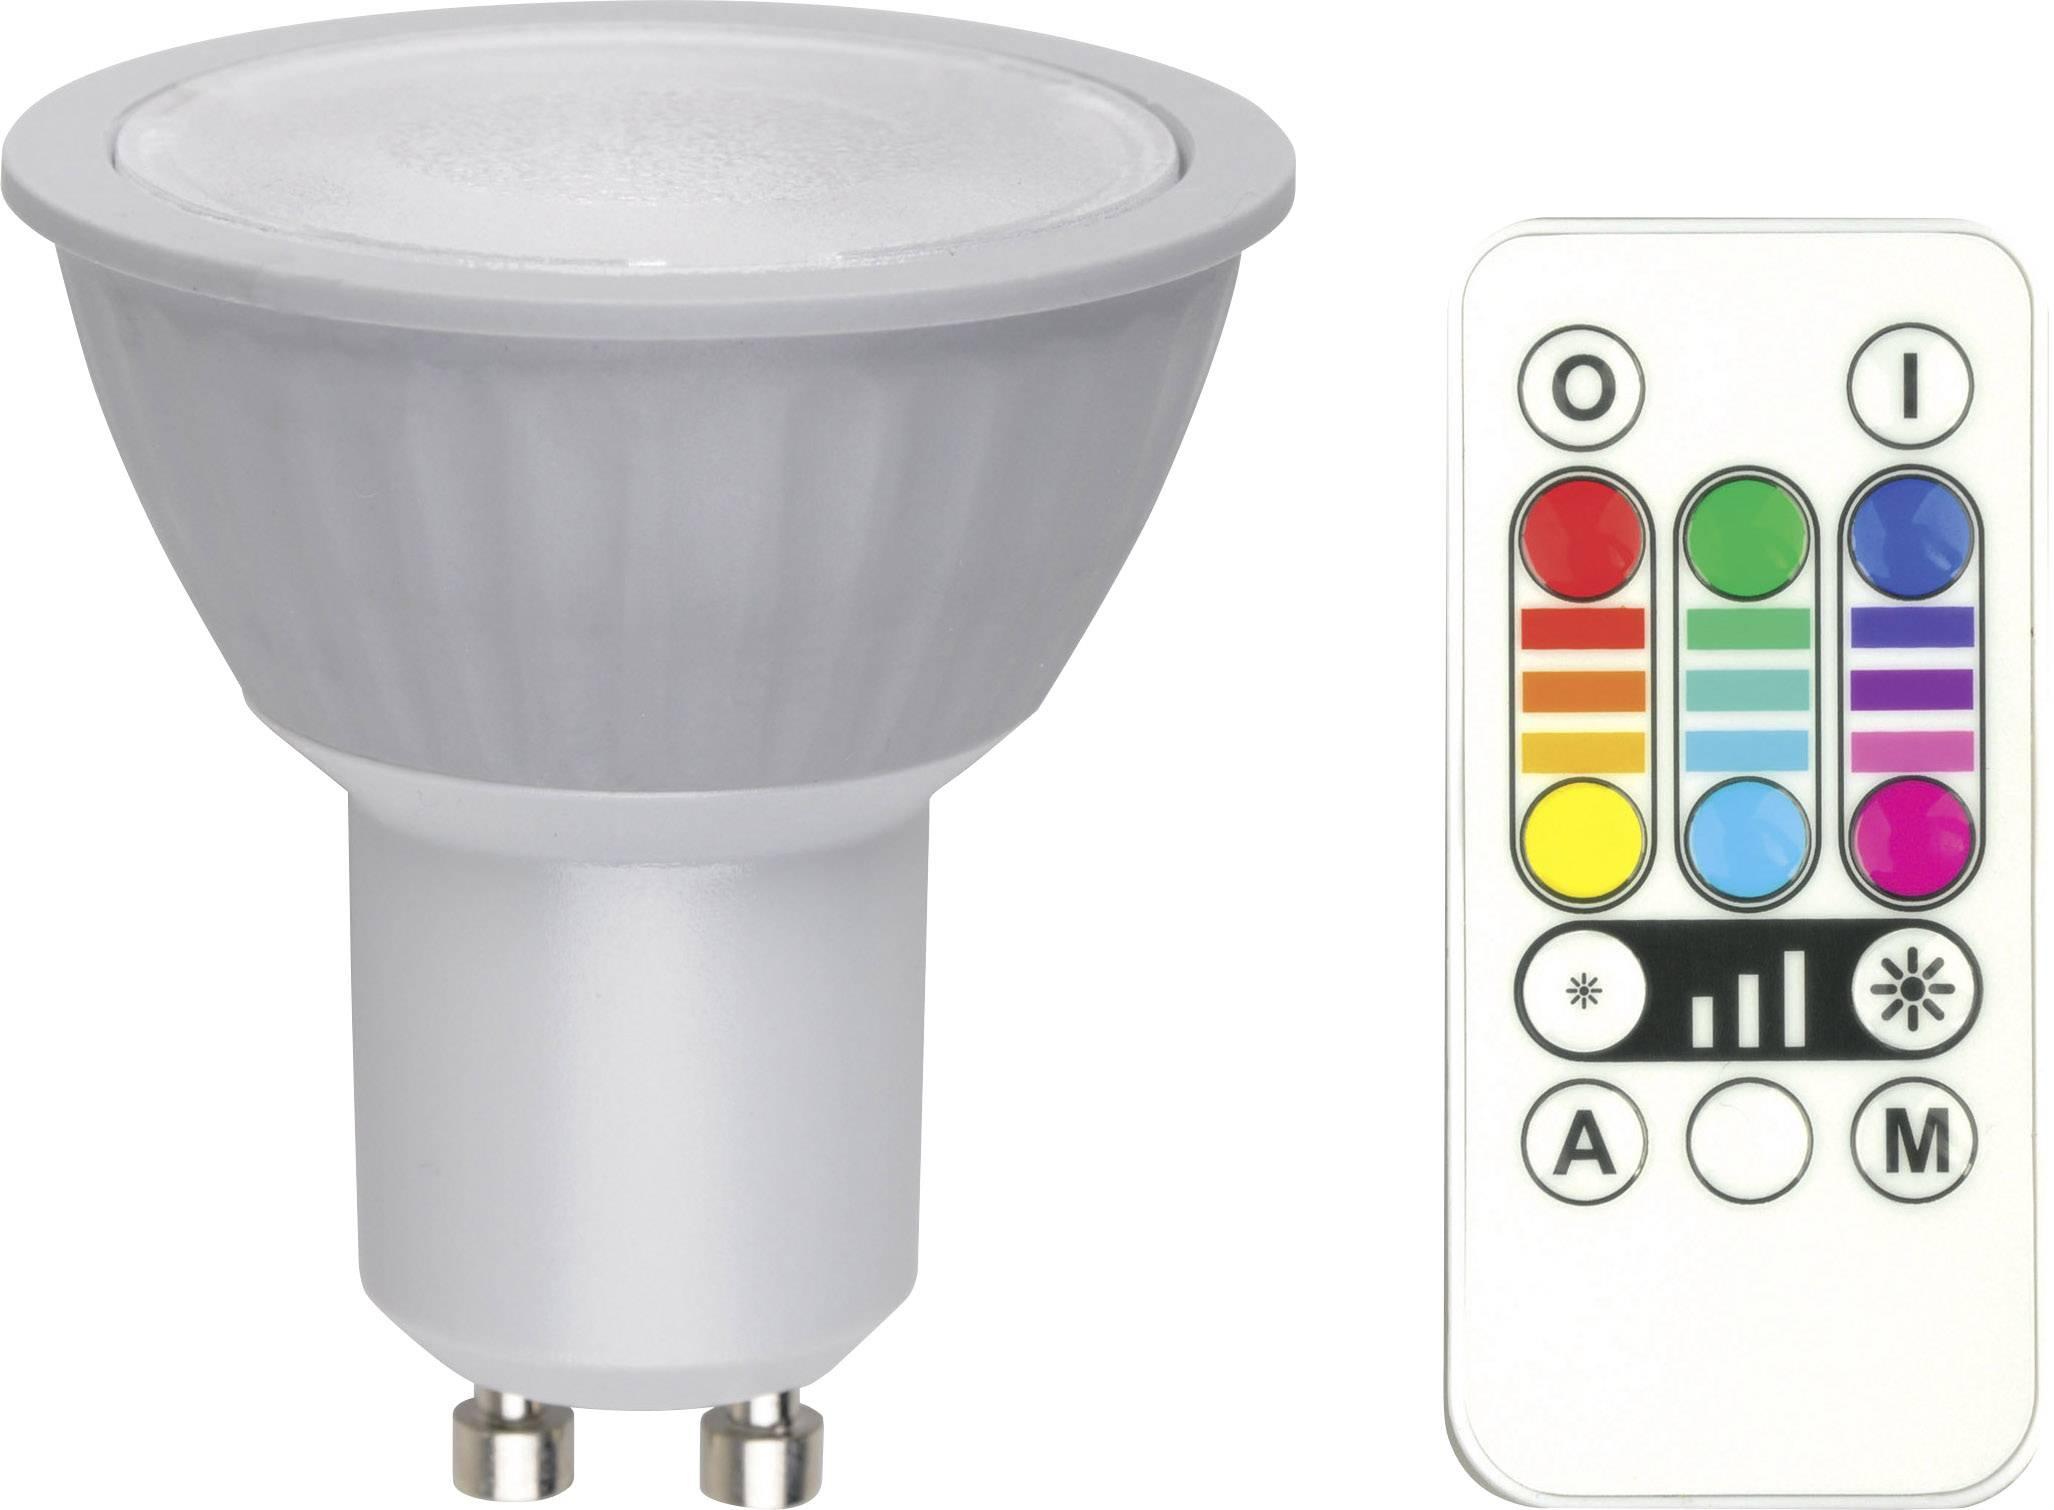 LED žárovka Jedi Lighting, GU10, 3,5 W, 230 V, stmívatelná, RGB